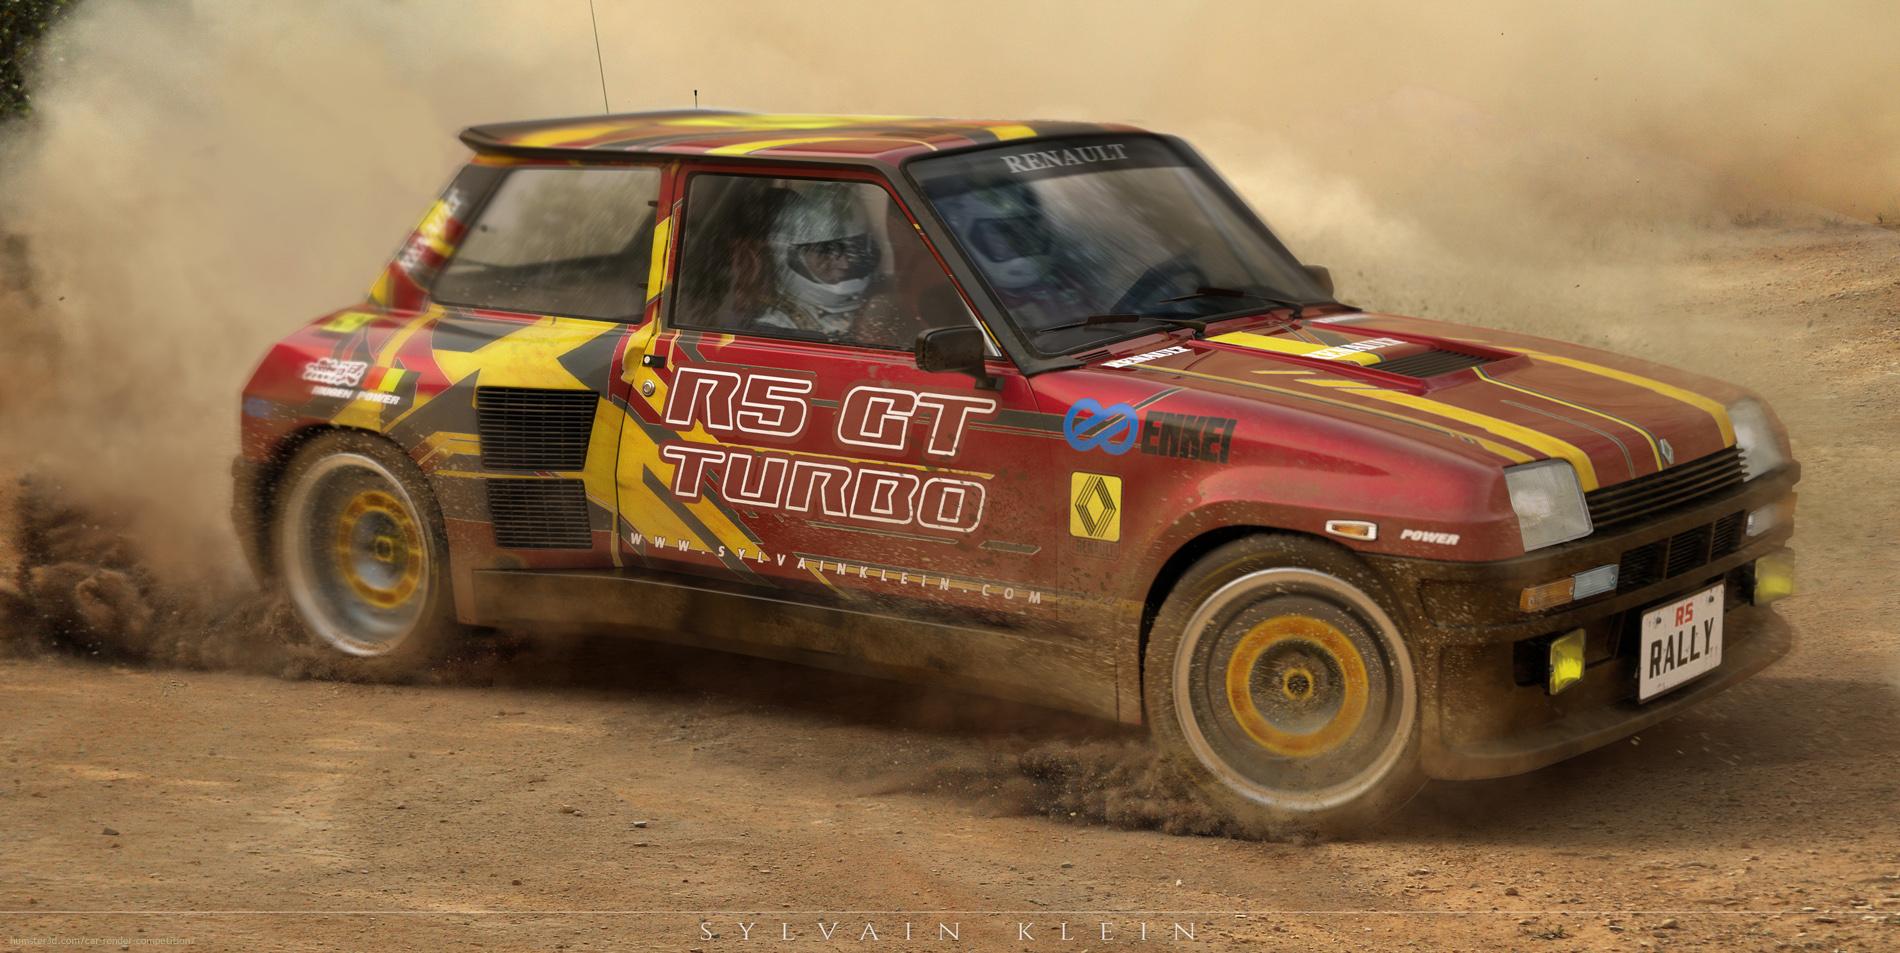 R5 GT Turbo 3d art